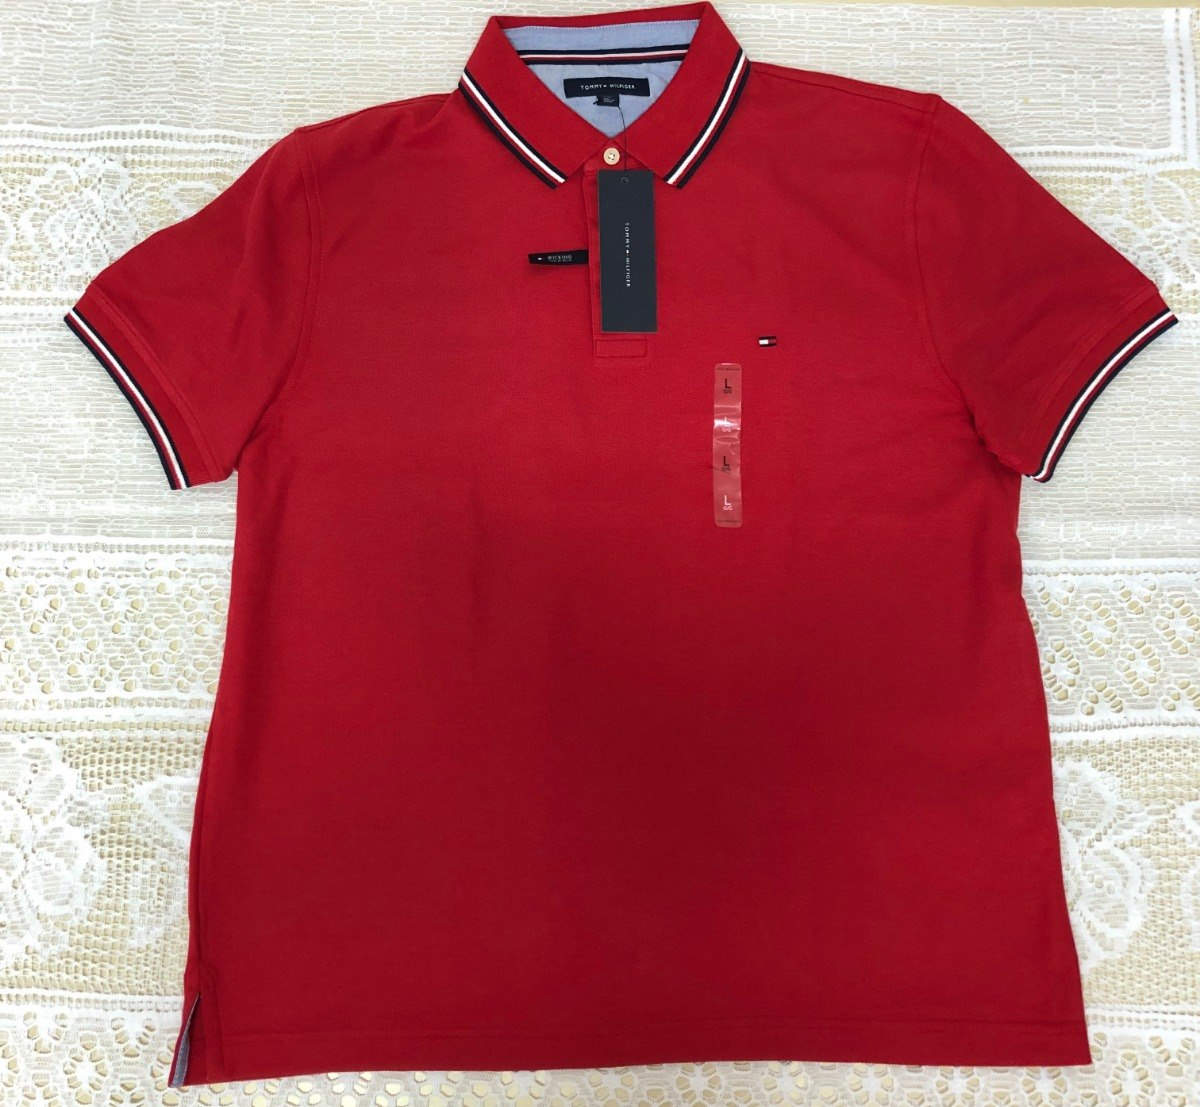 3ba22fa97 camisa polo tommy hilfiger - vermelha - original -p. entrega. Carregando  zoom.